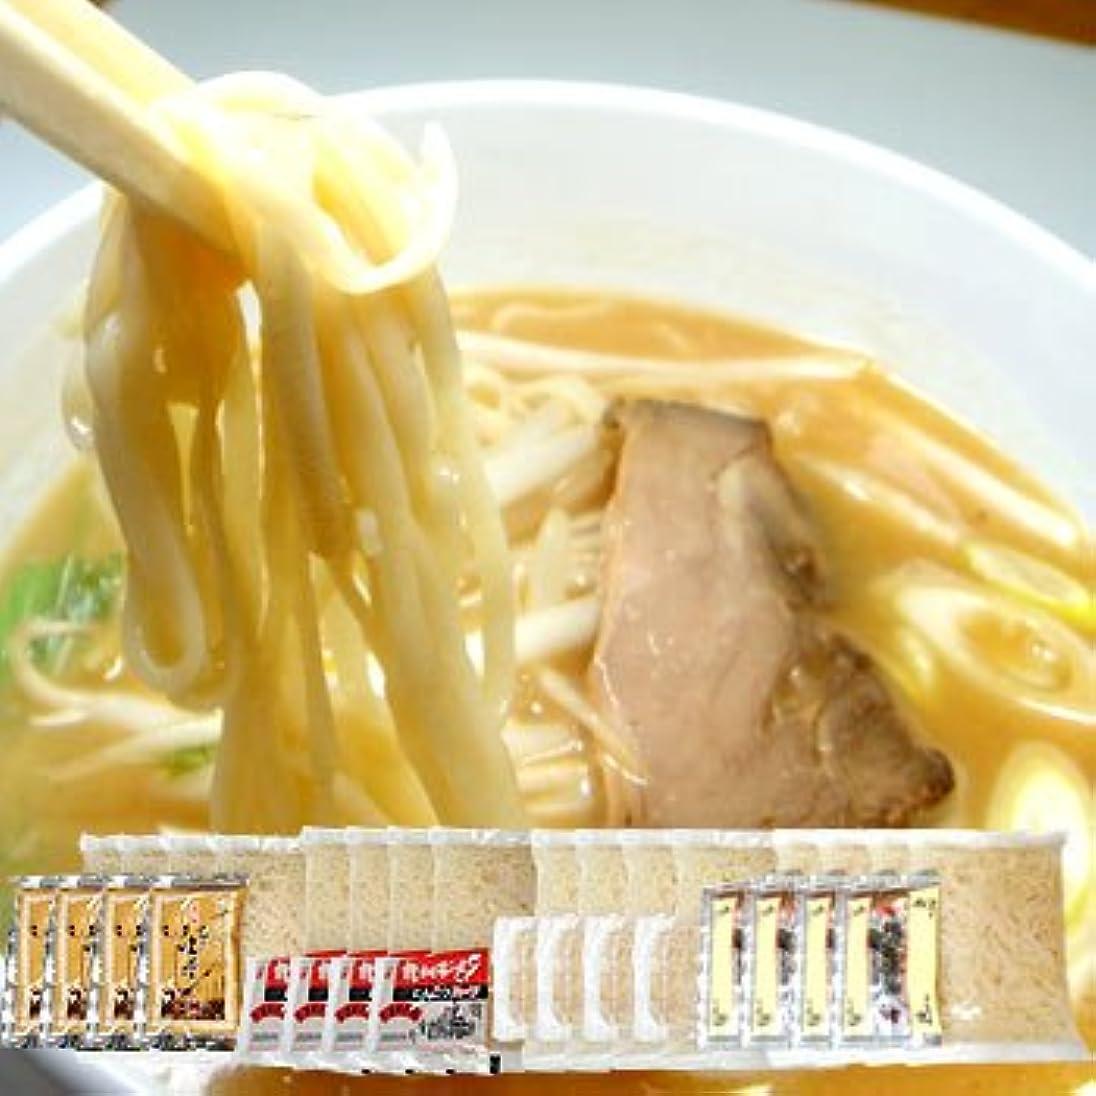 山争いソーシャルこんにゃくラーメン4味16食 (味噌4、醤油4、塩4、豚骨4)【ダイエット】【ヌードル】【麺】【コラーゲン配合選べるセット】